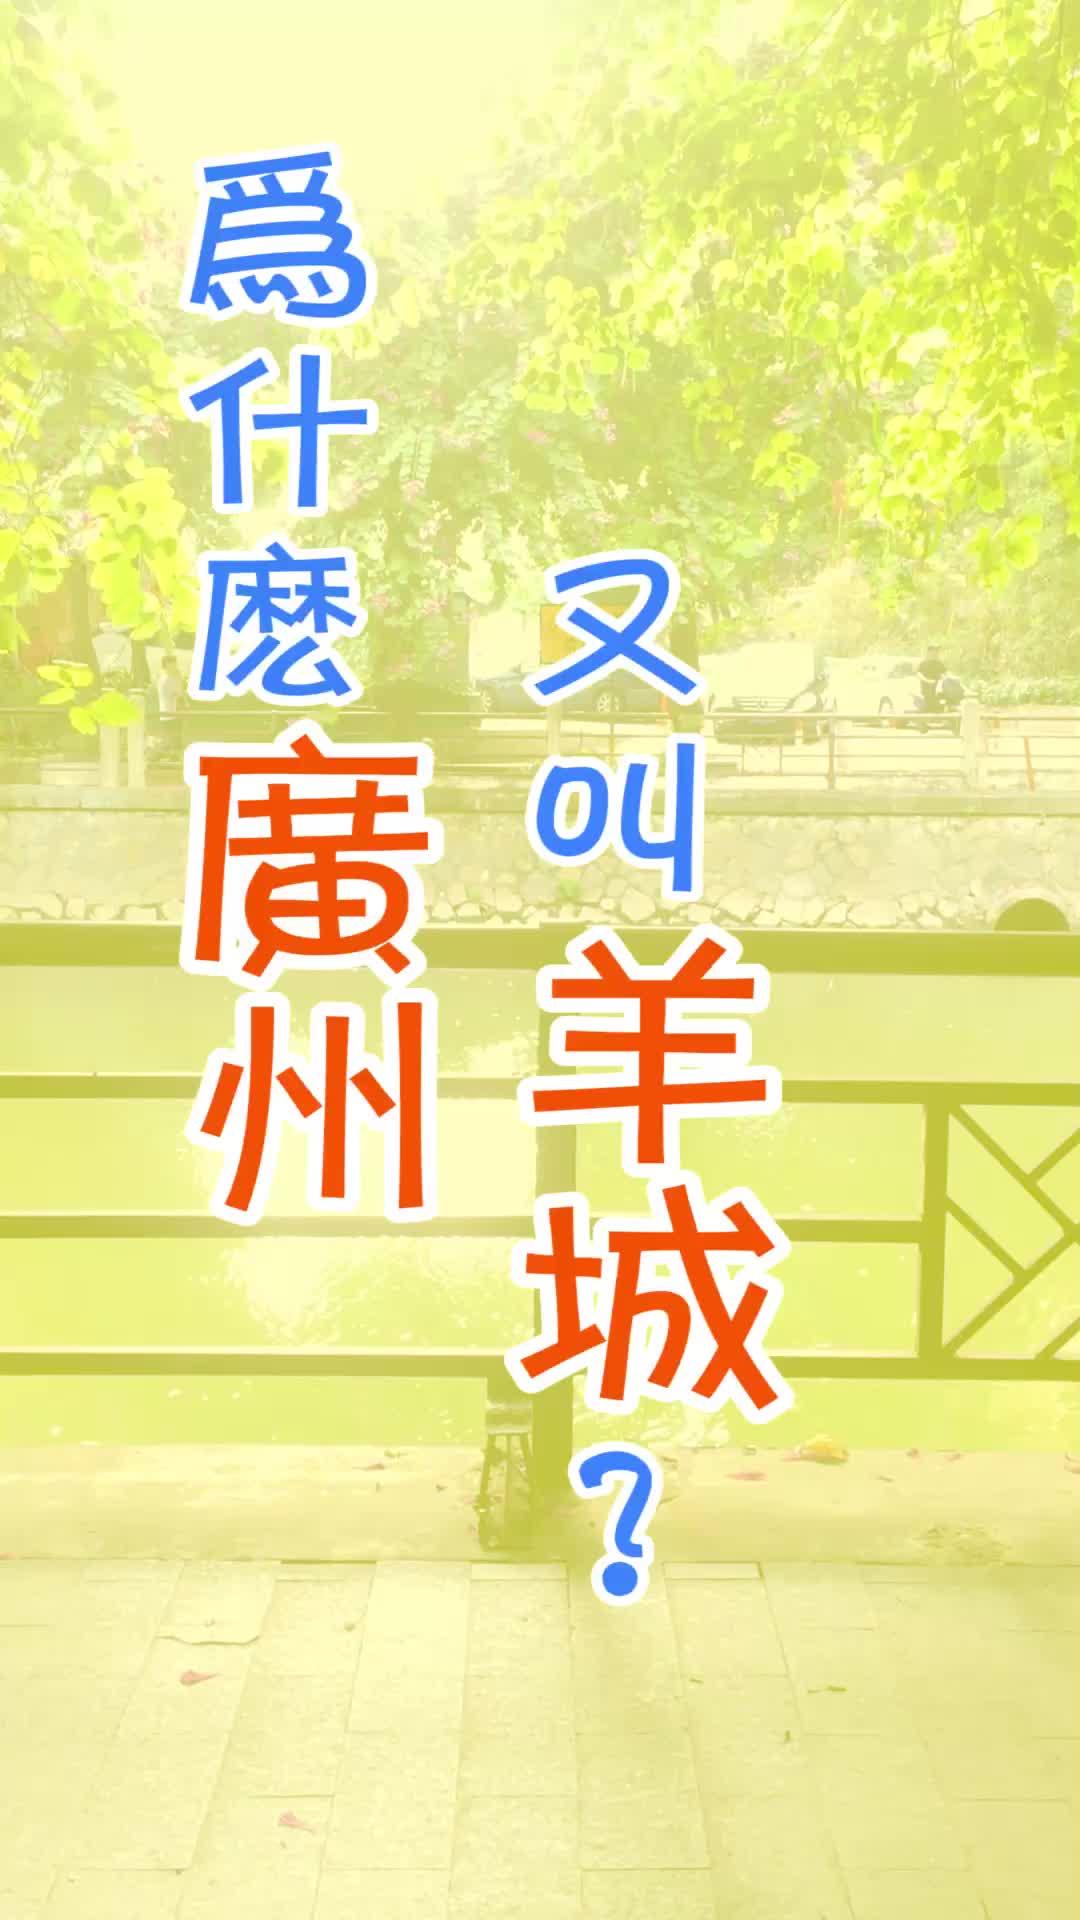 为什么广州讲羊城